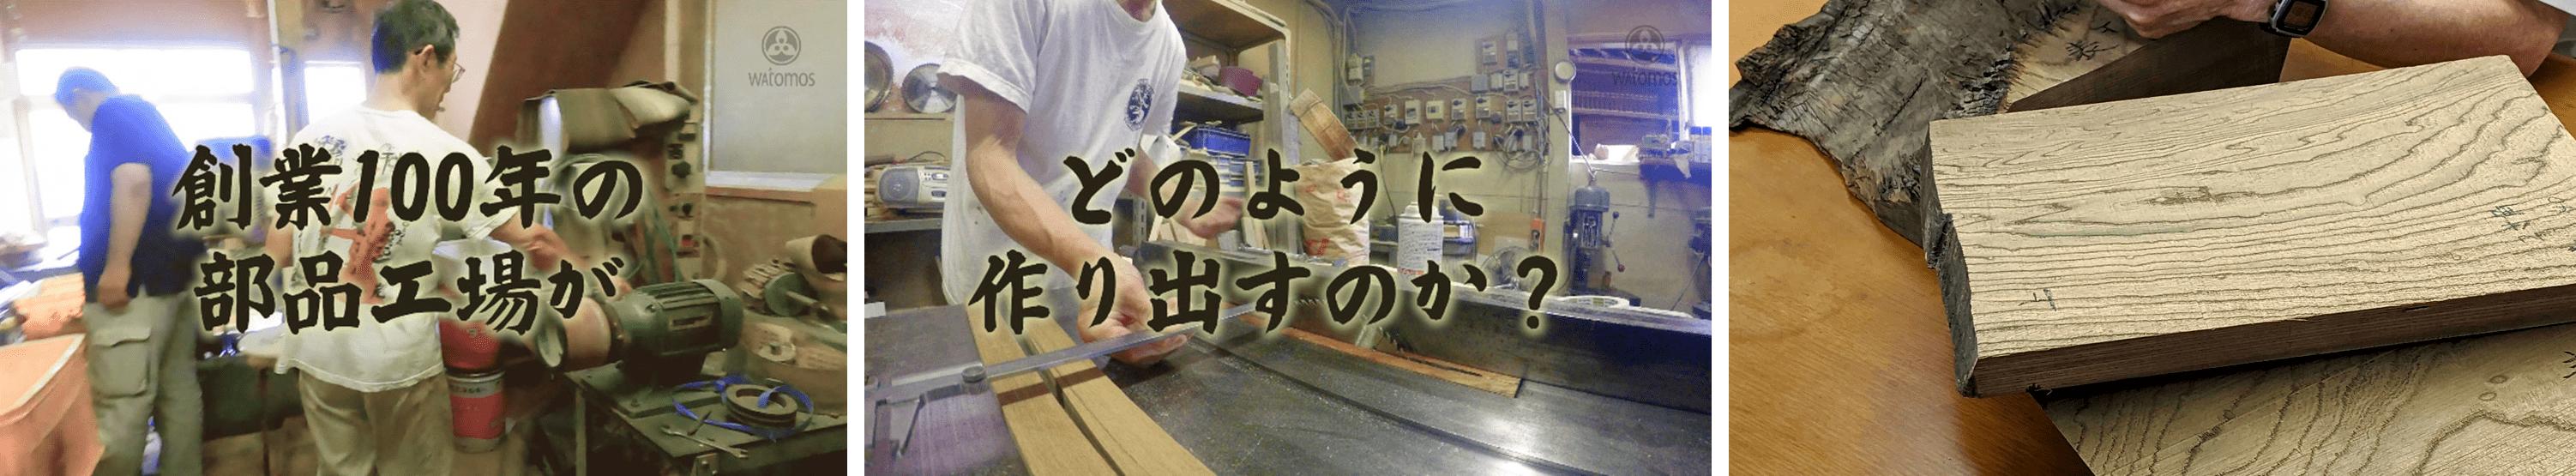 press-side